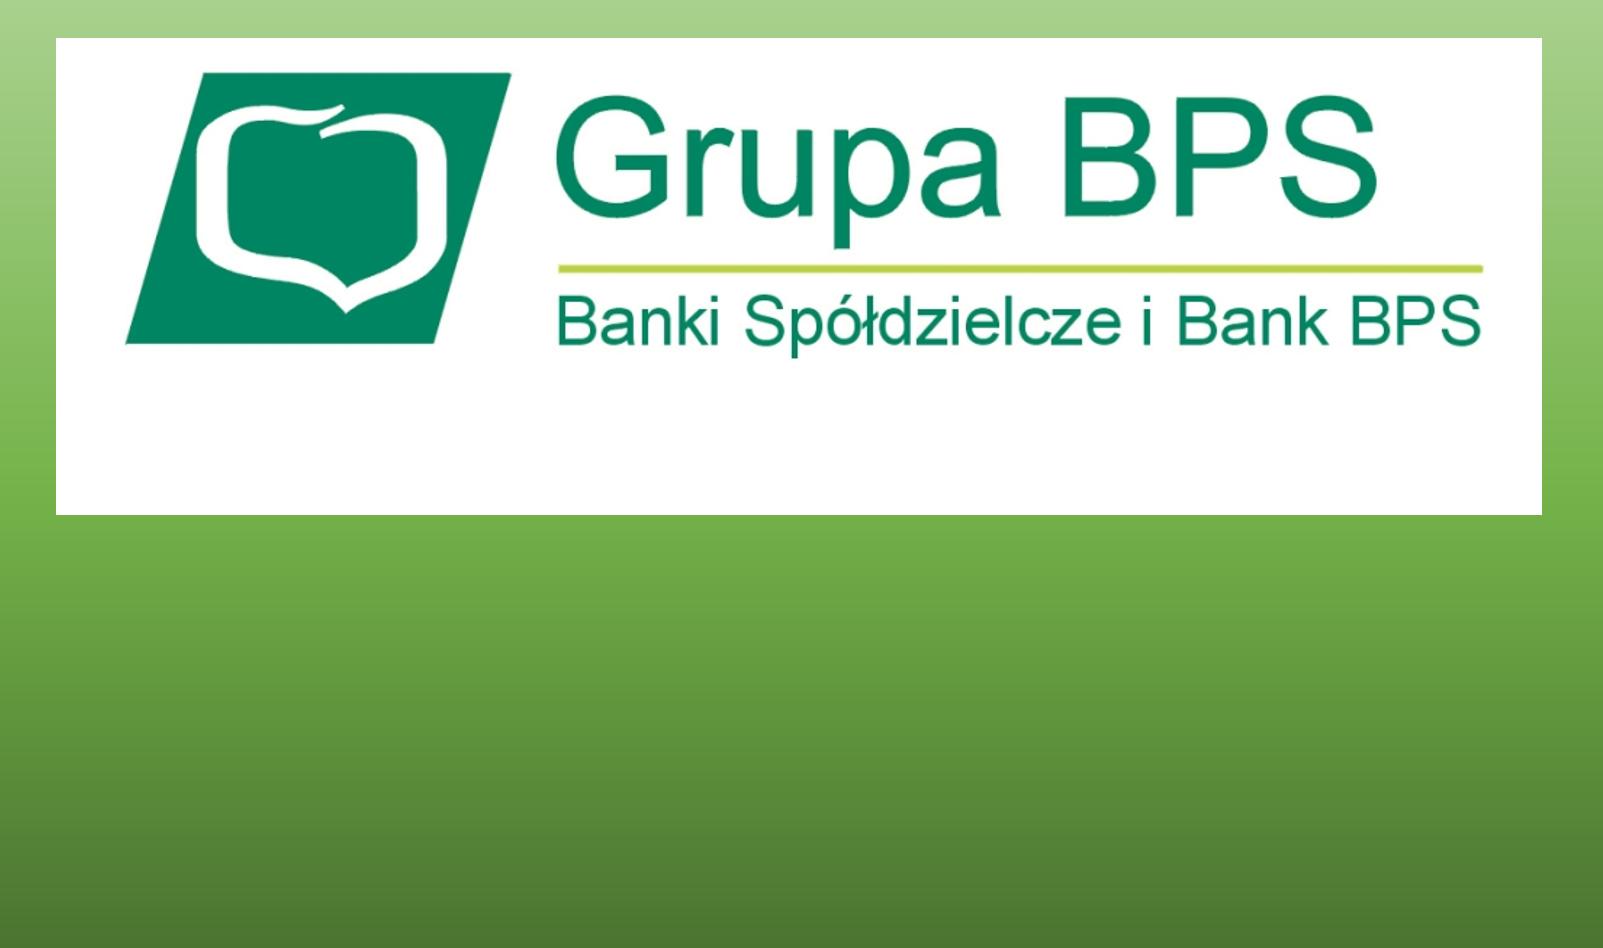 Bezpieczeństwo Banków Spółdzielczych z Grupy BPS to priorytet